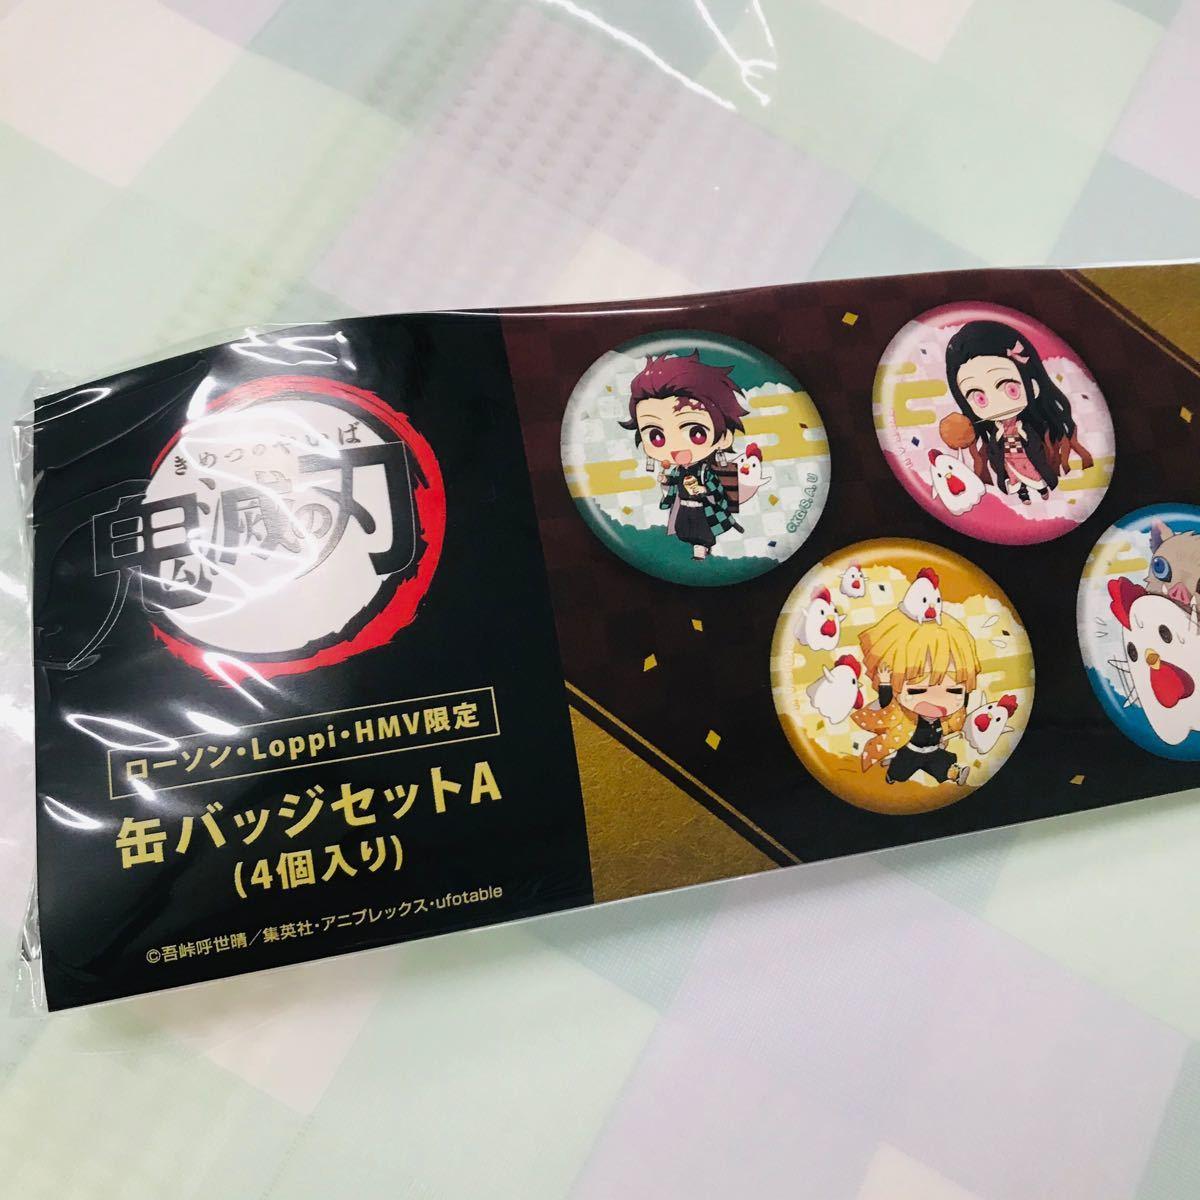 鬼滅の刃 缶バッジ4個セットA【ローソン・Loppi・HMV限定】